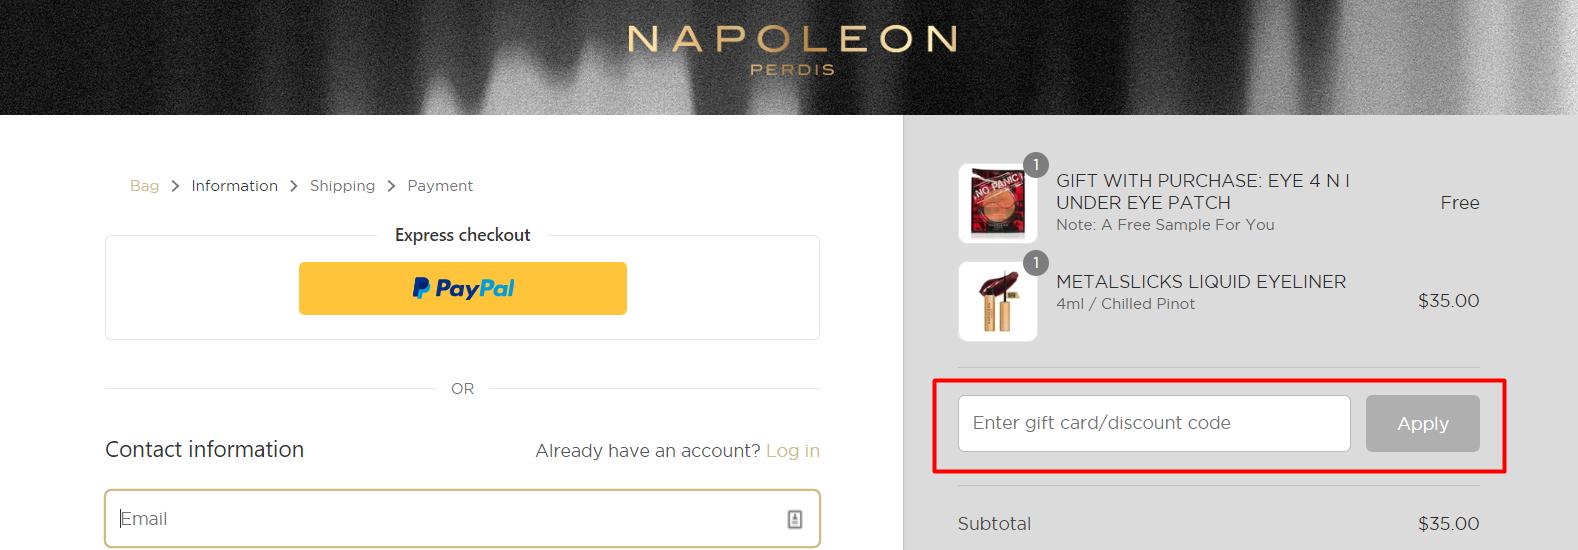 How do I use my Napoleon Perdis discount code